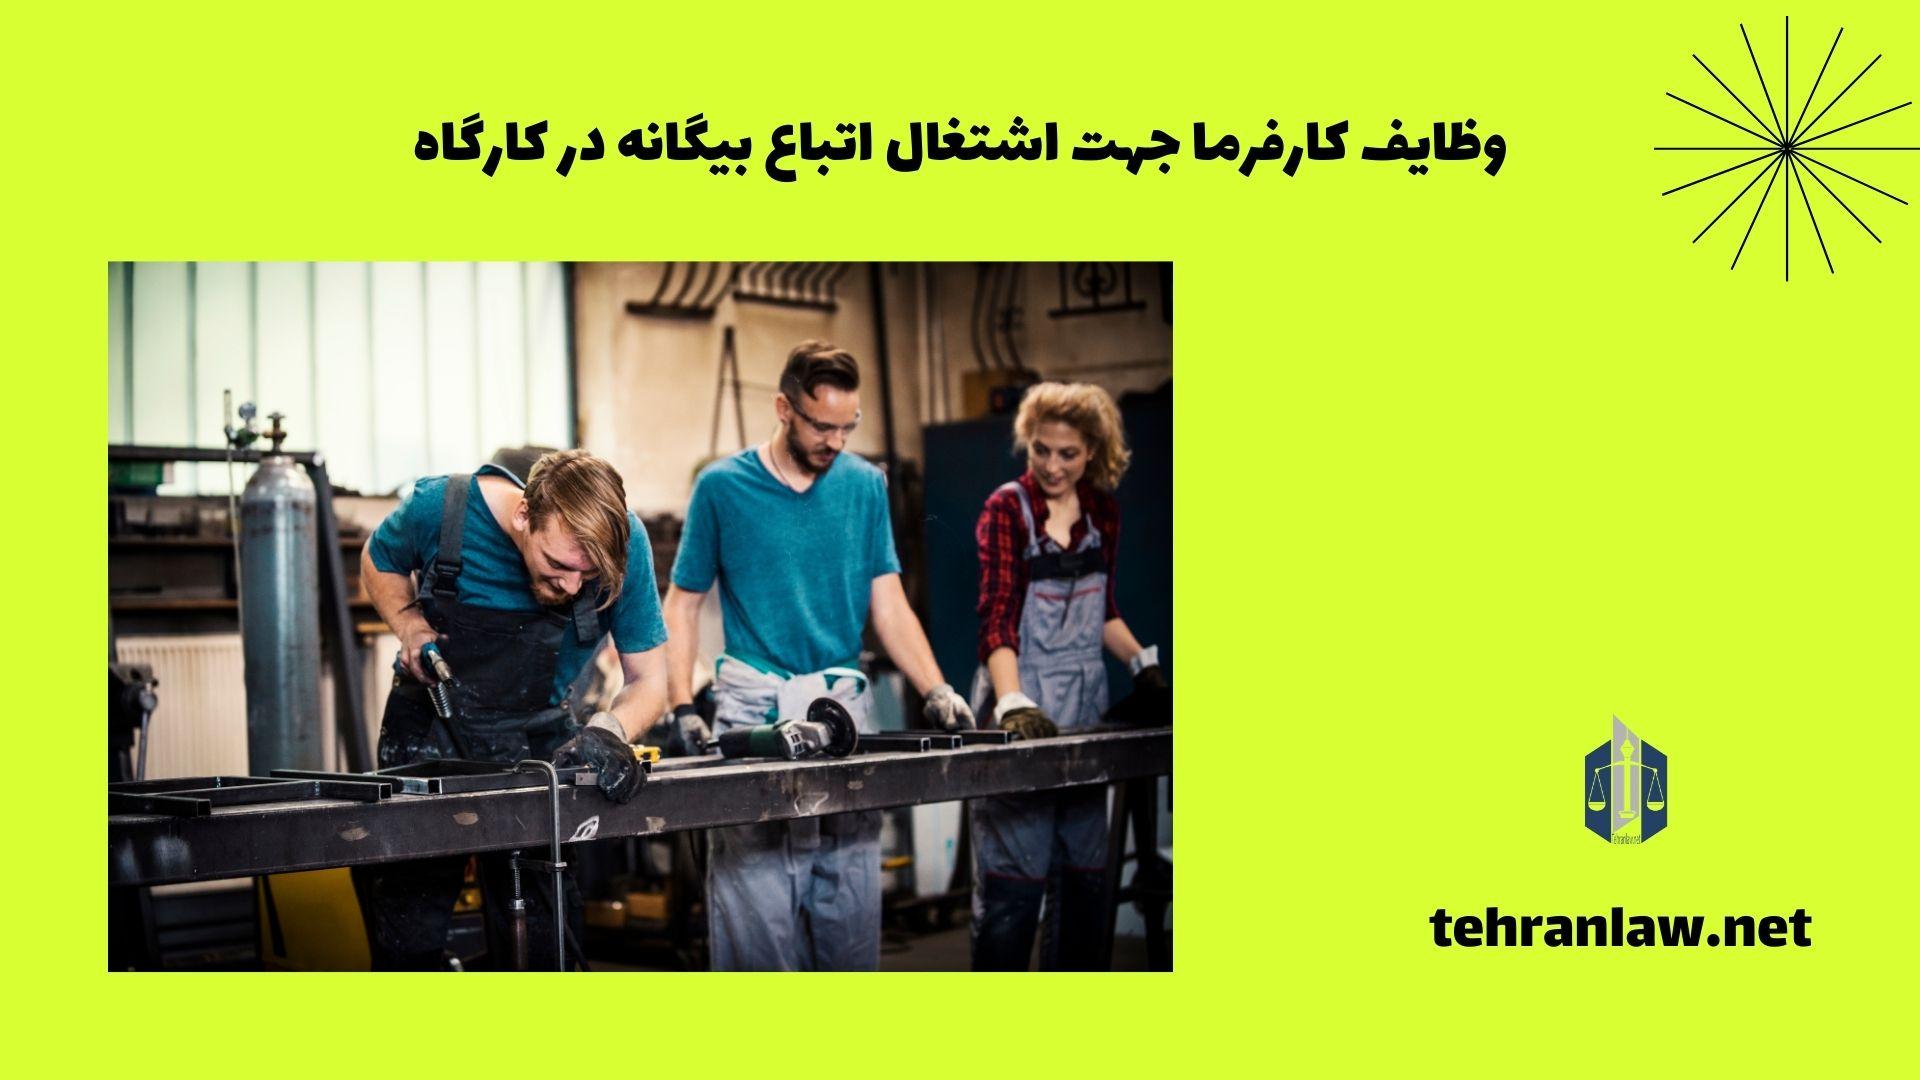 وظایف کارفرما جهت اشتغال اتباع بیگانه در کارگاه